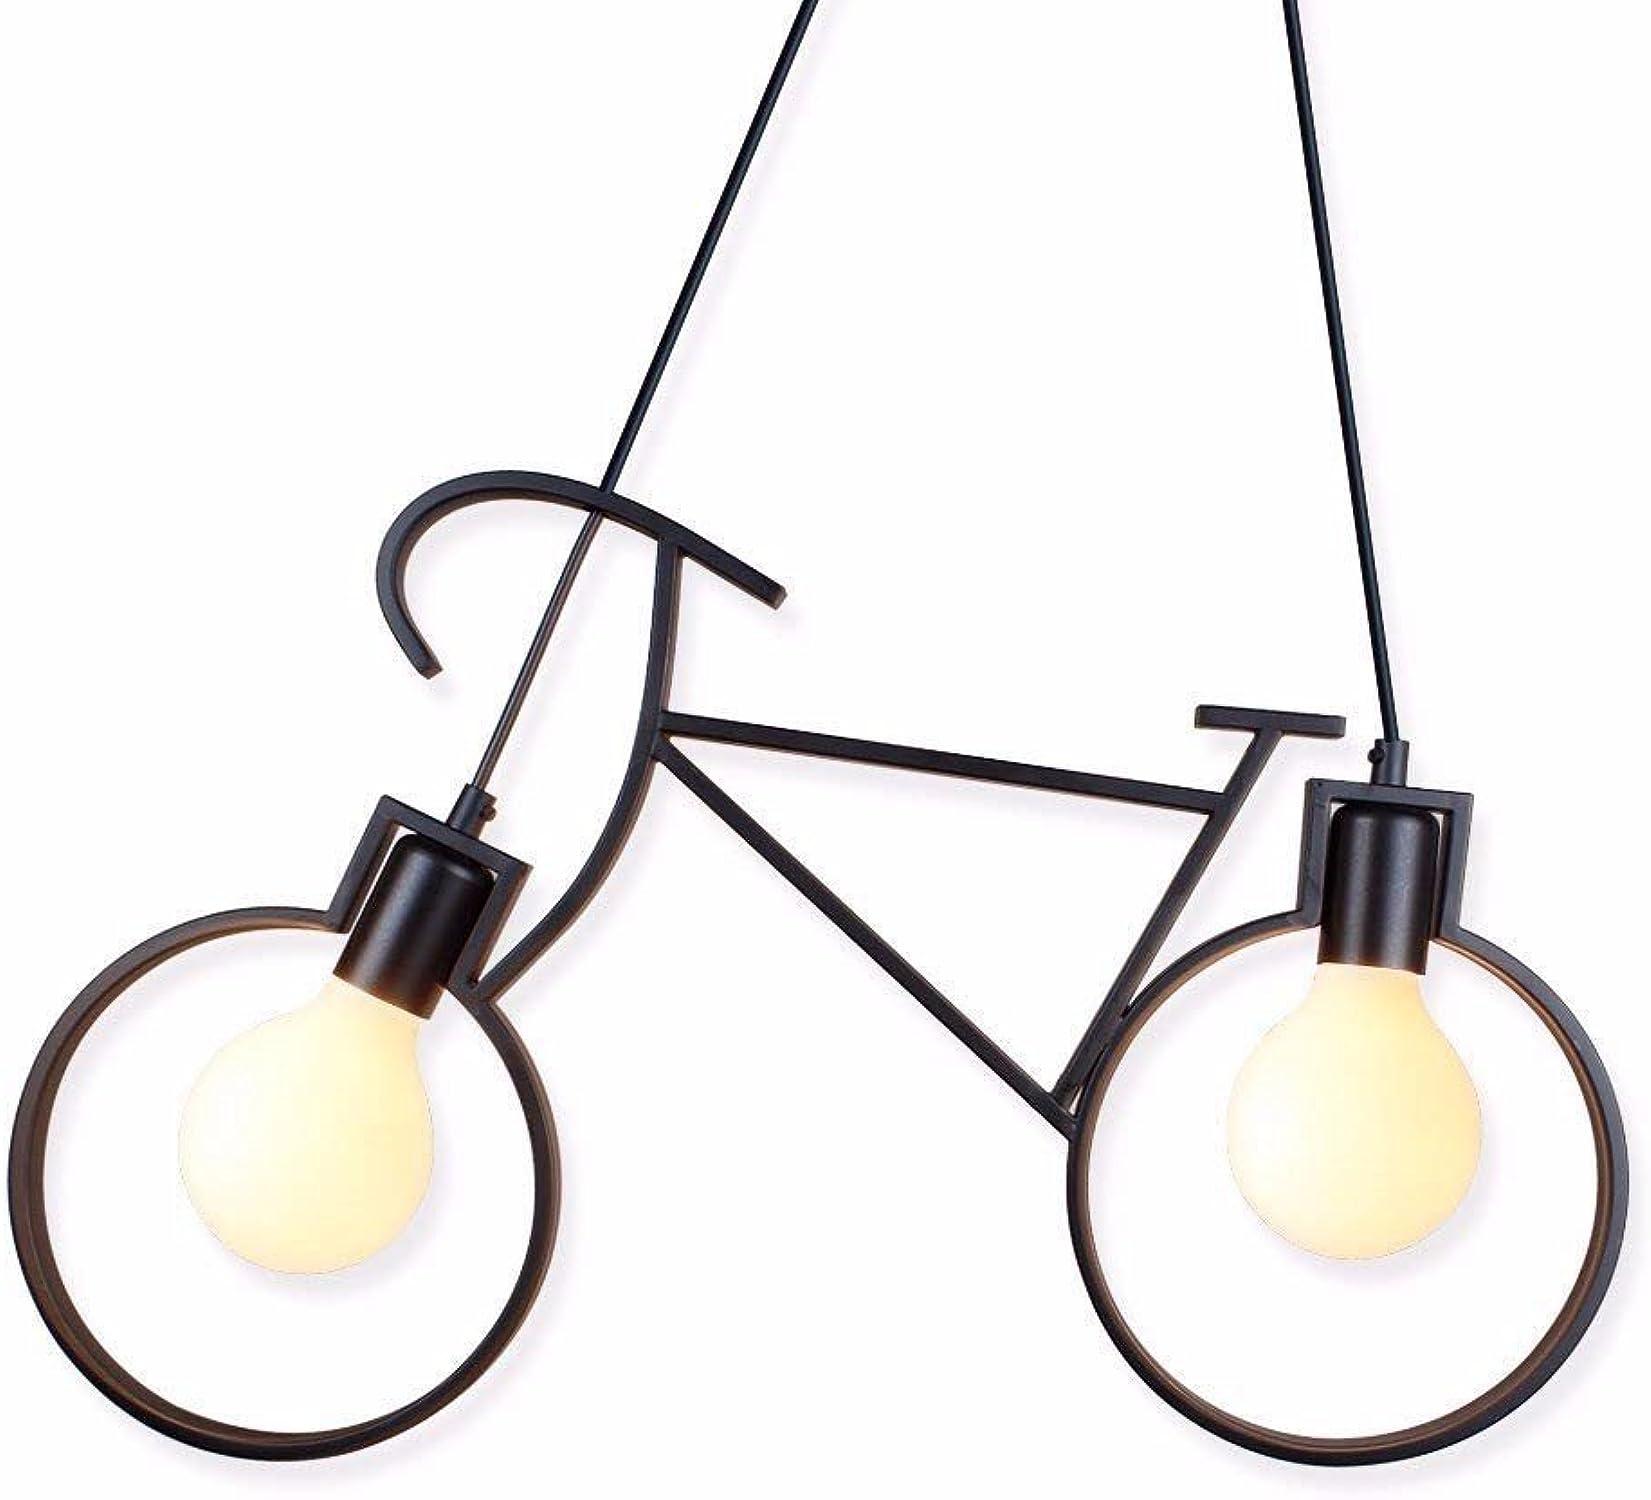 JDFM5 Vélo de fer, noir Lampe vintage Plafond Suspendue Suspension Lustre luminaire Plafonniers Abat-Jour Industriel Lustre